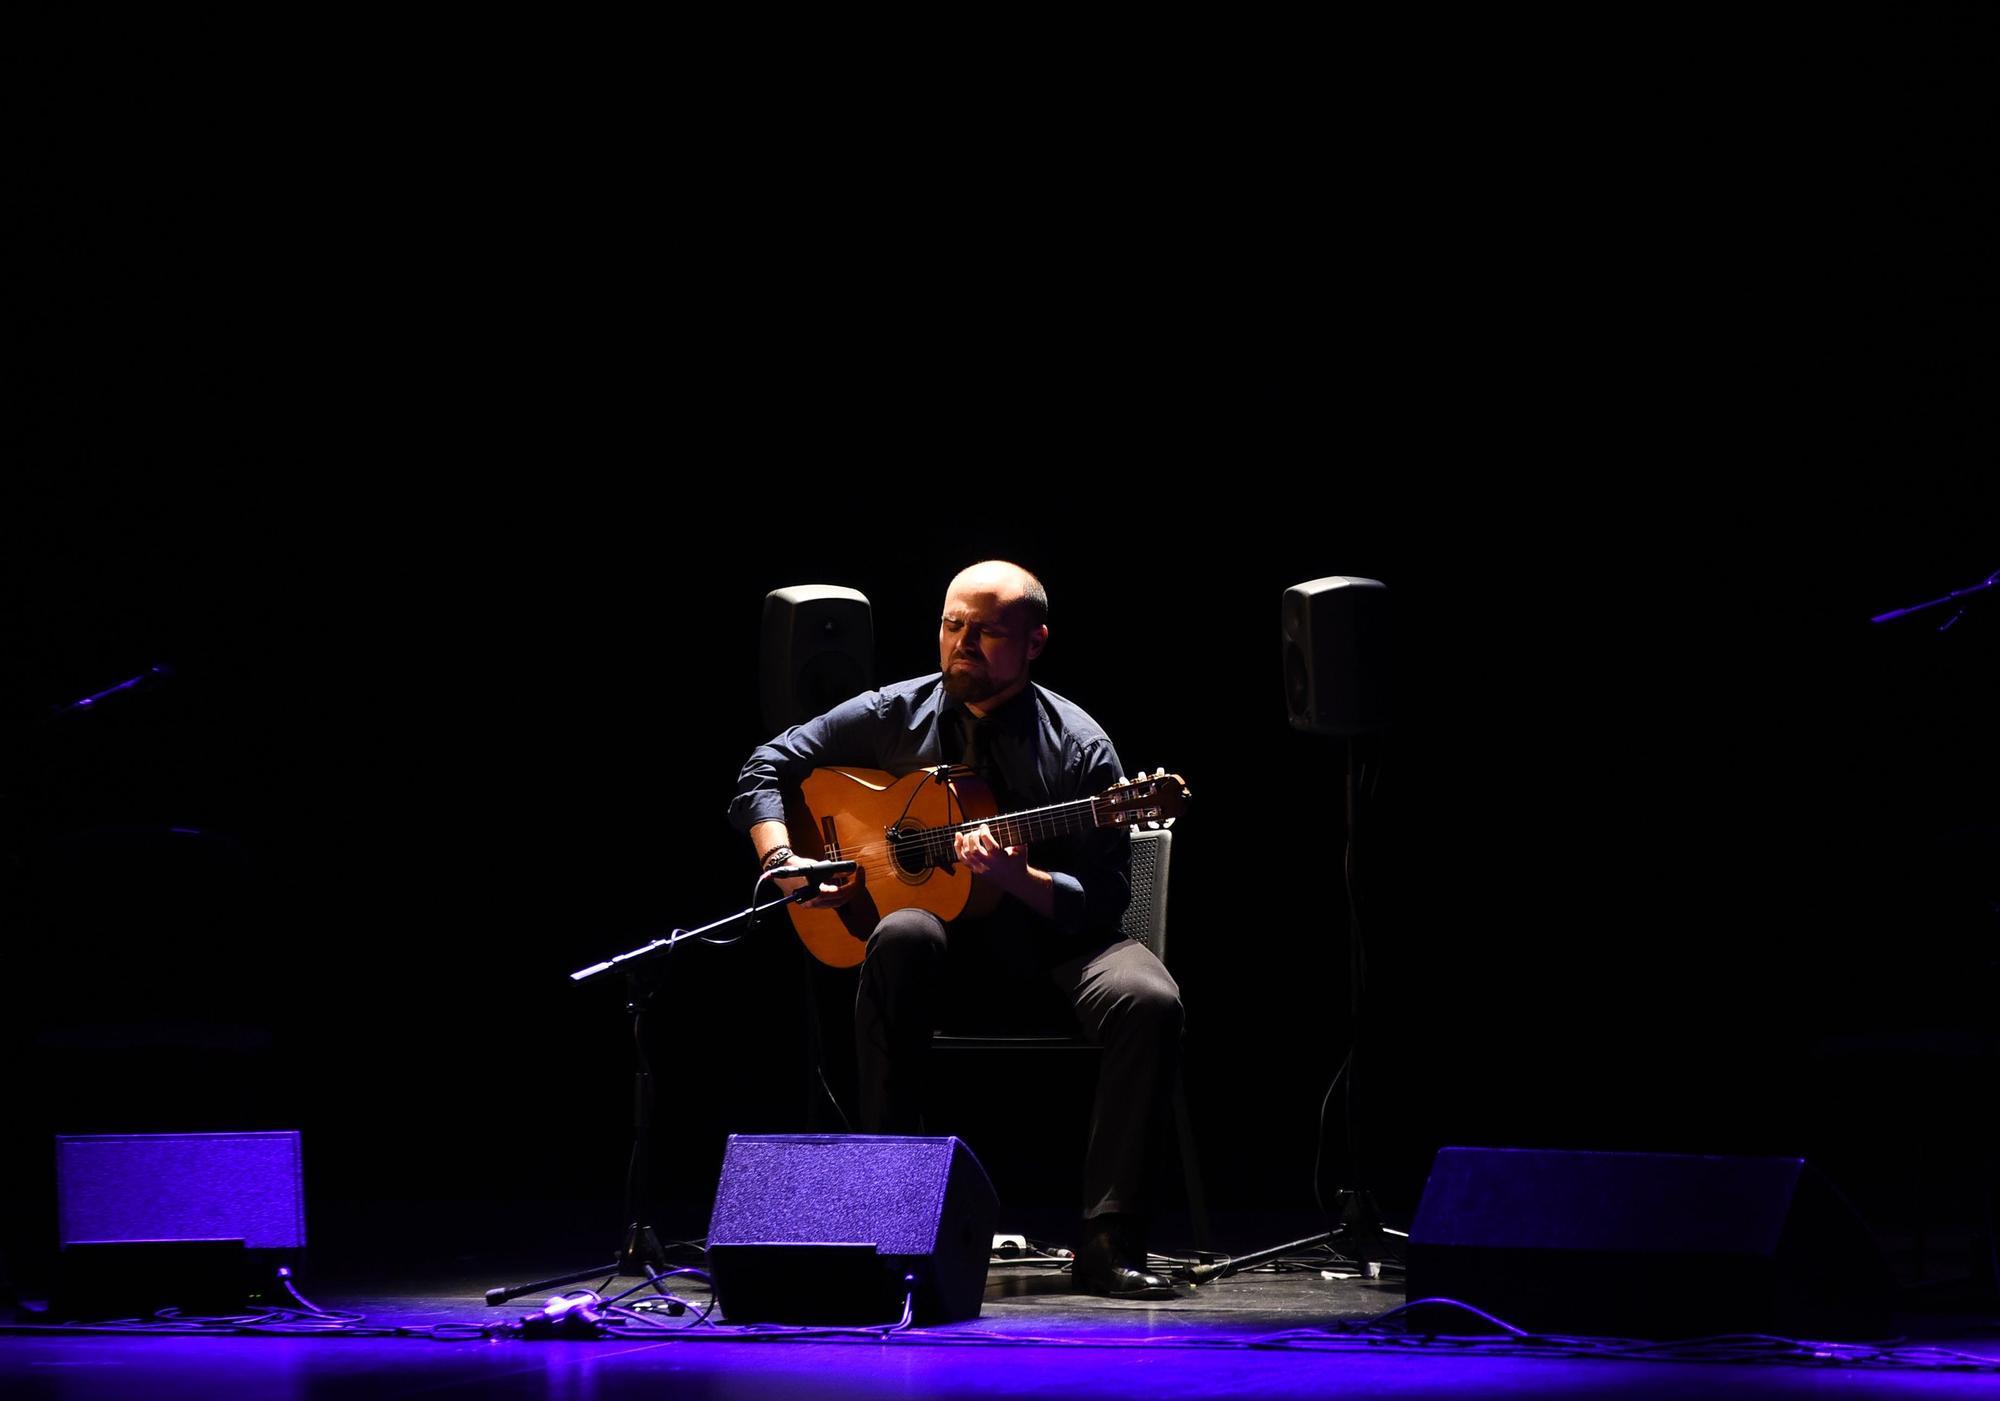 La imágenes de la sexta jornada del Festival de la Guitarra